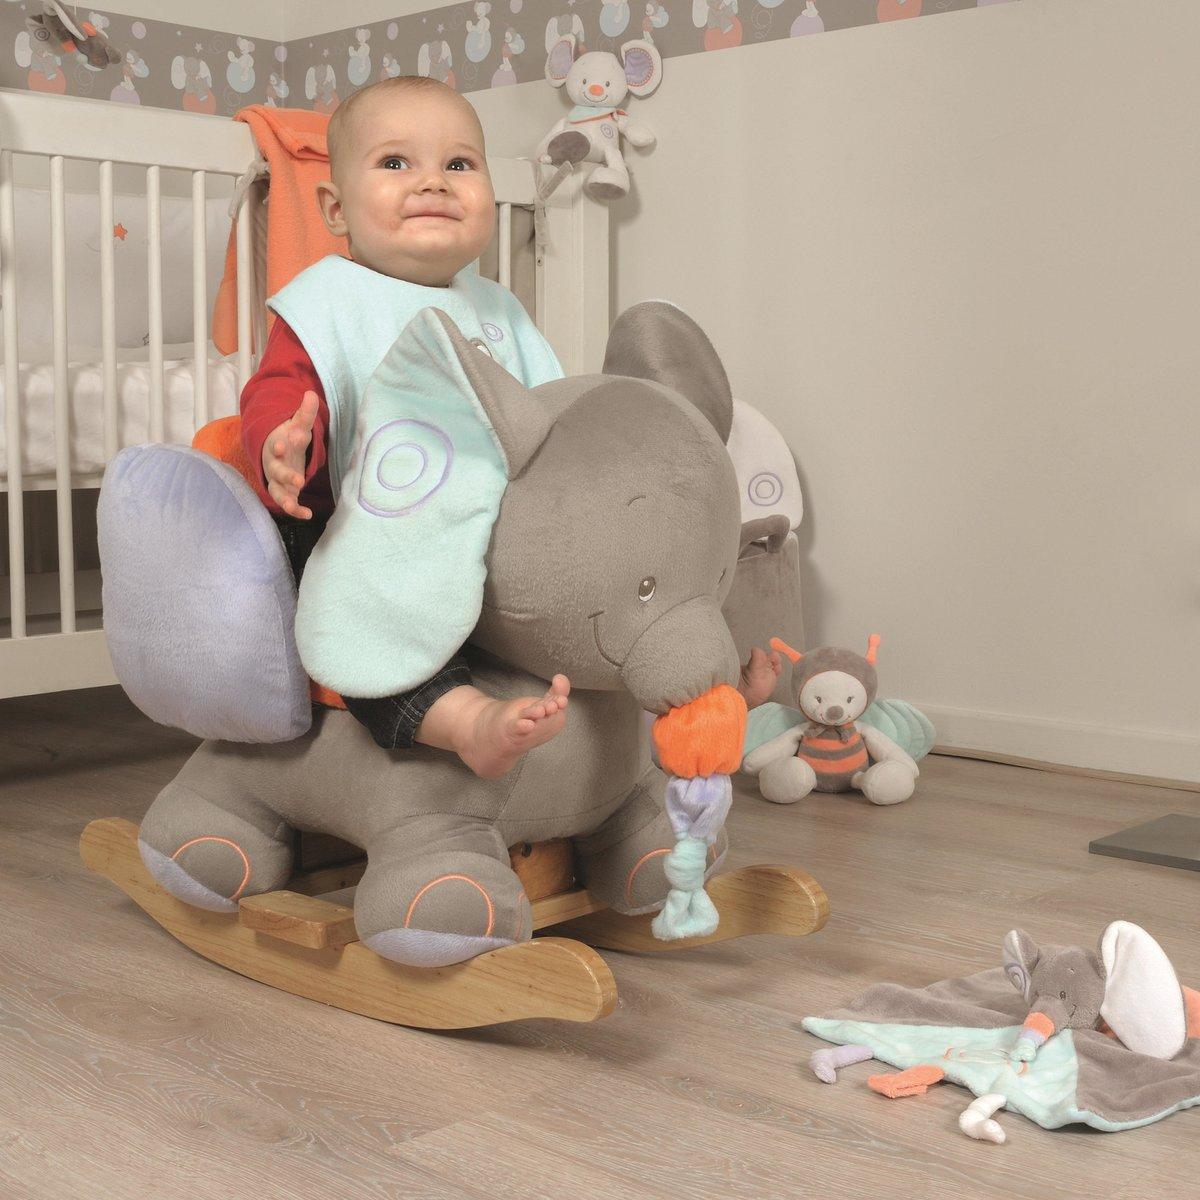 Игрушка качалка для детей от 0 до 3 лет фото